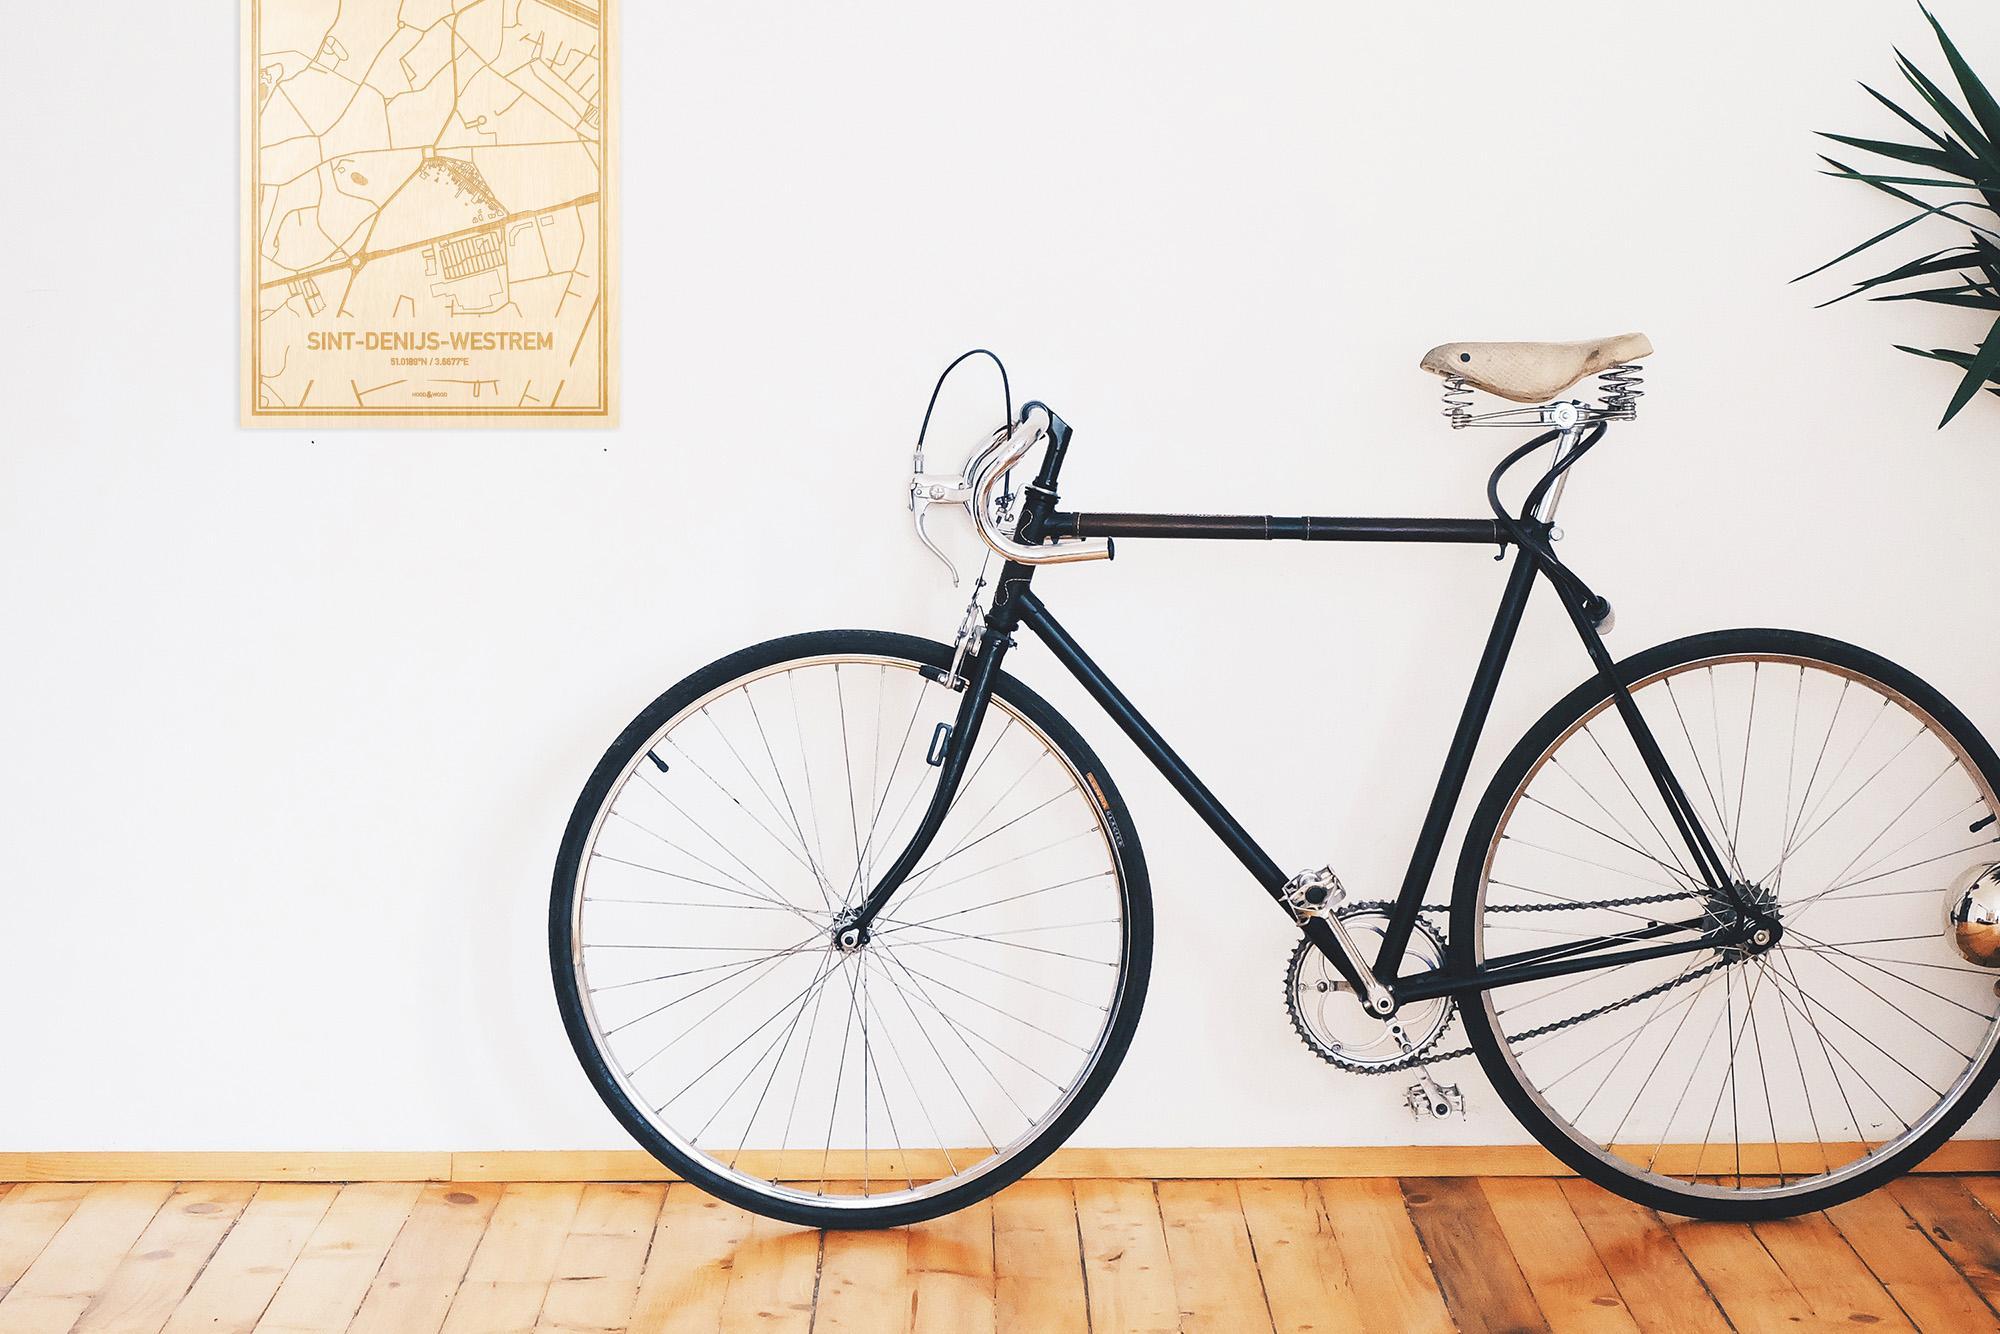 Een snelle fiets in een uniek interieur in Oost-Vlaanderen  met mooie decoratie zoals de plattegrond Sint-Denijs-Westrem.